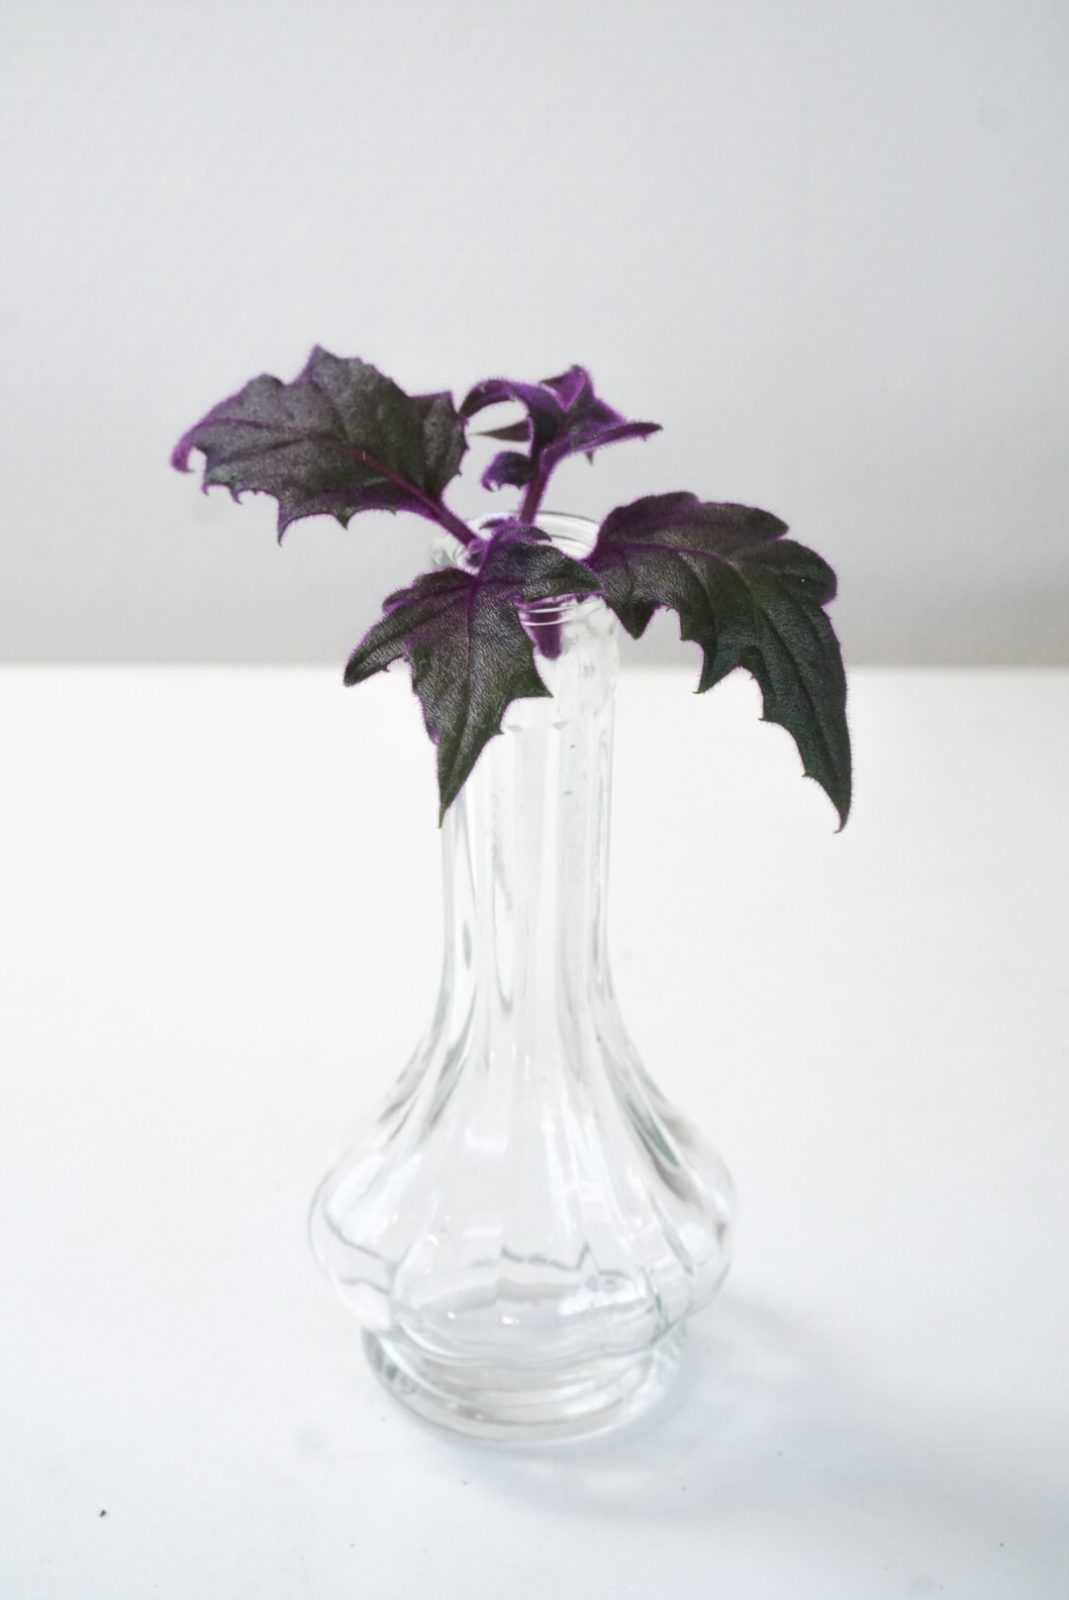 fluweelplant paars fluweel gynura stek plant pot glas glaasje